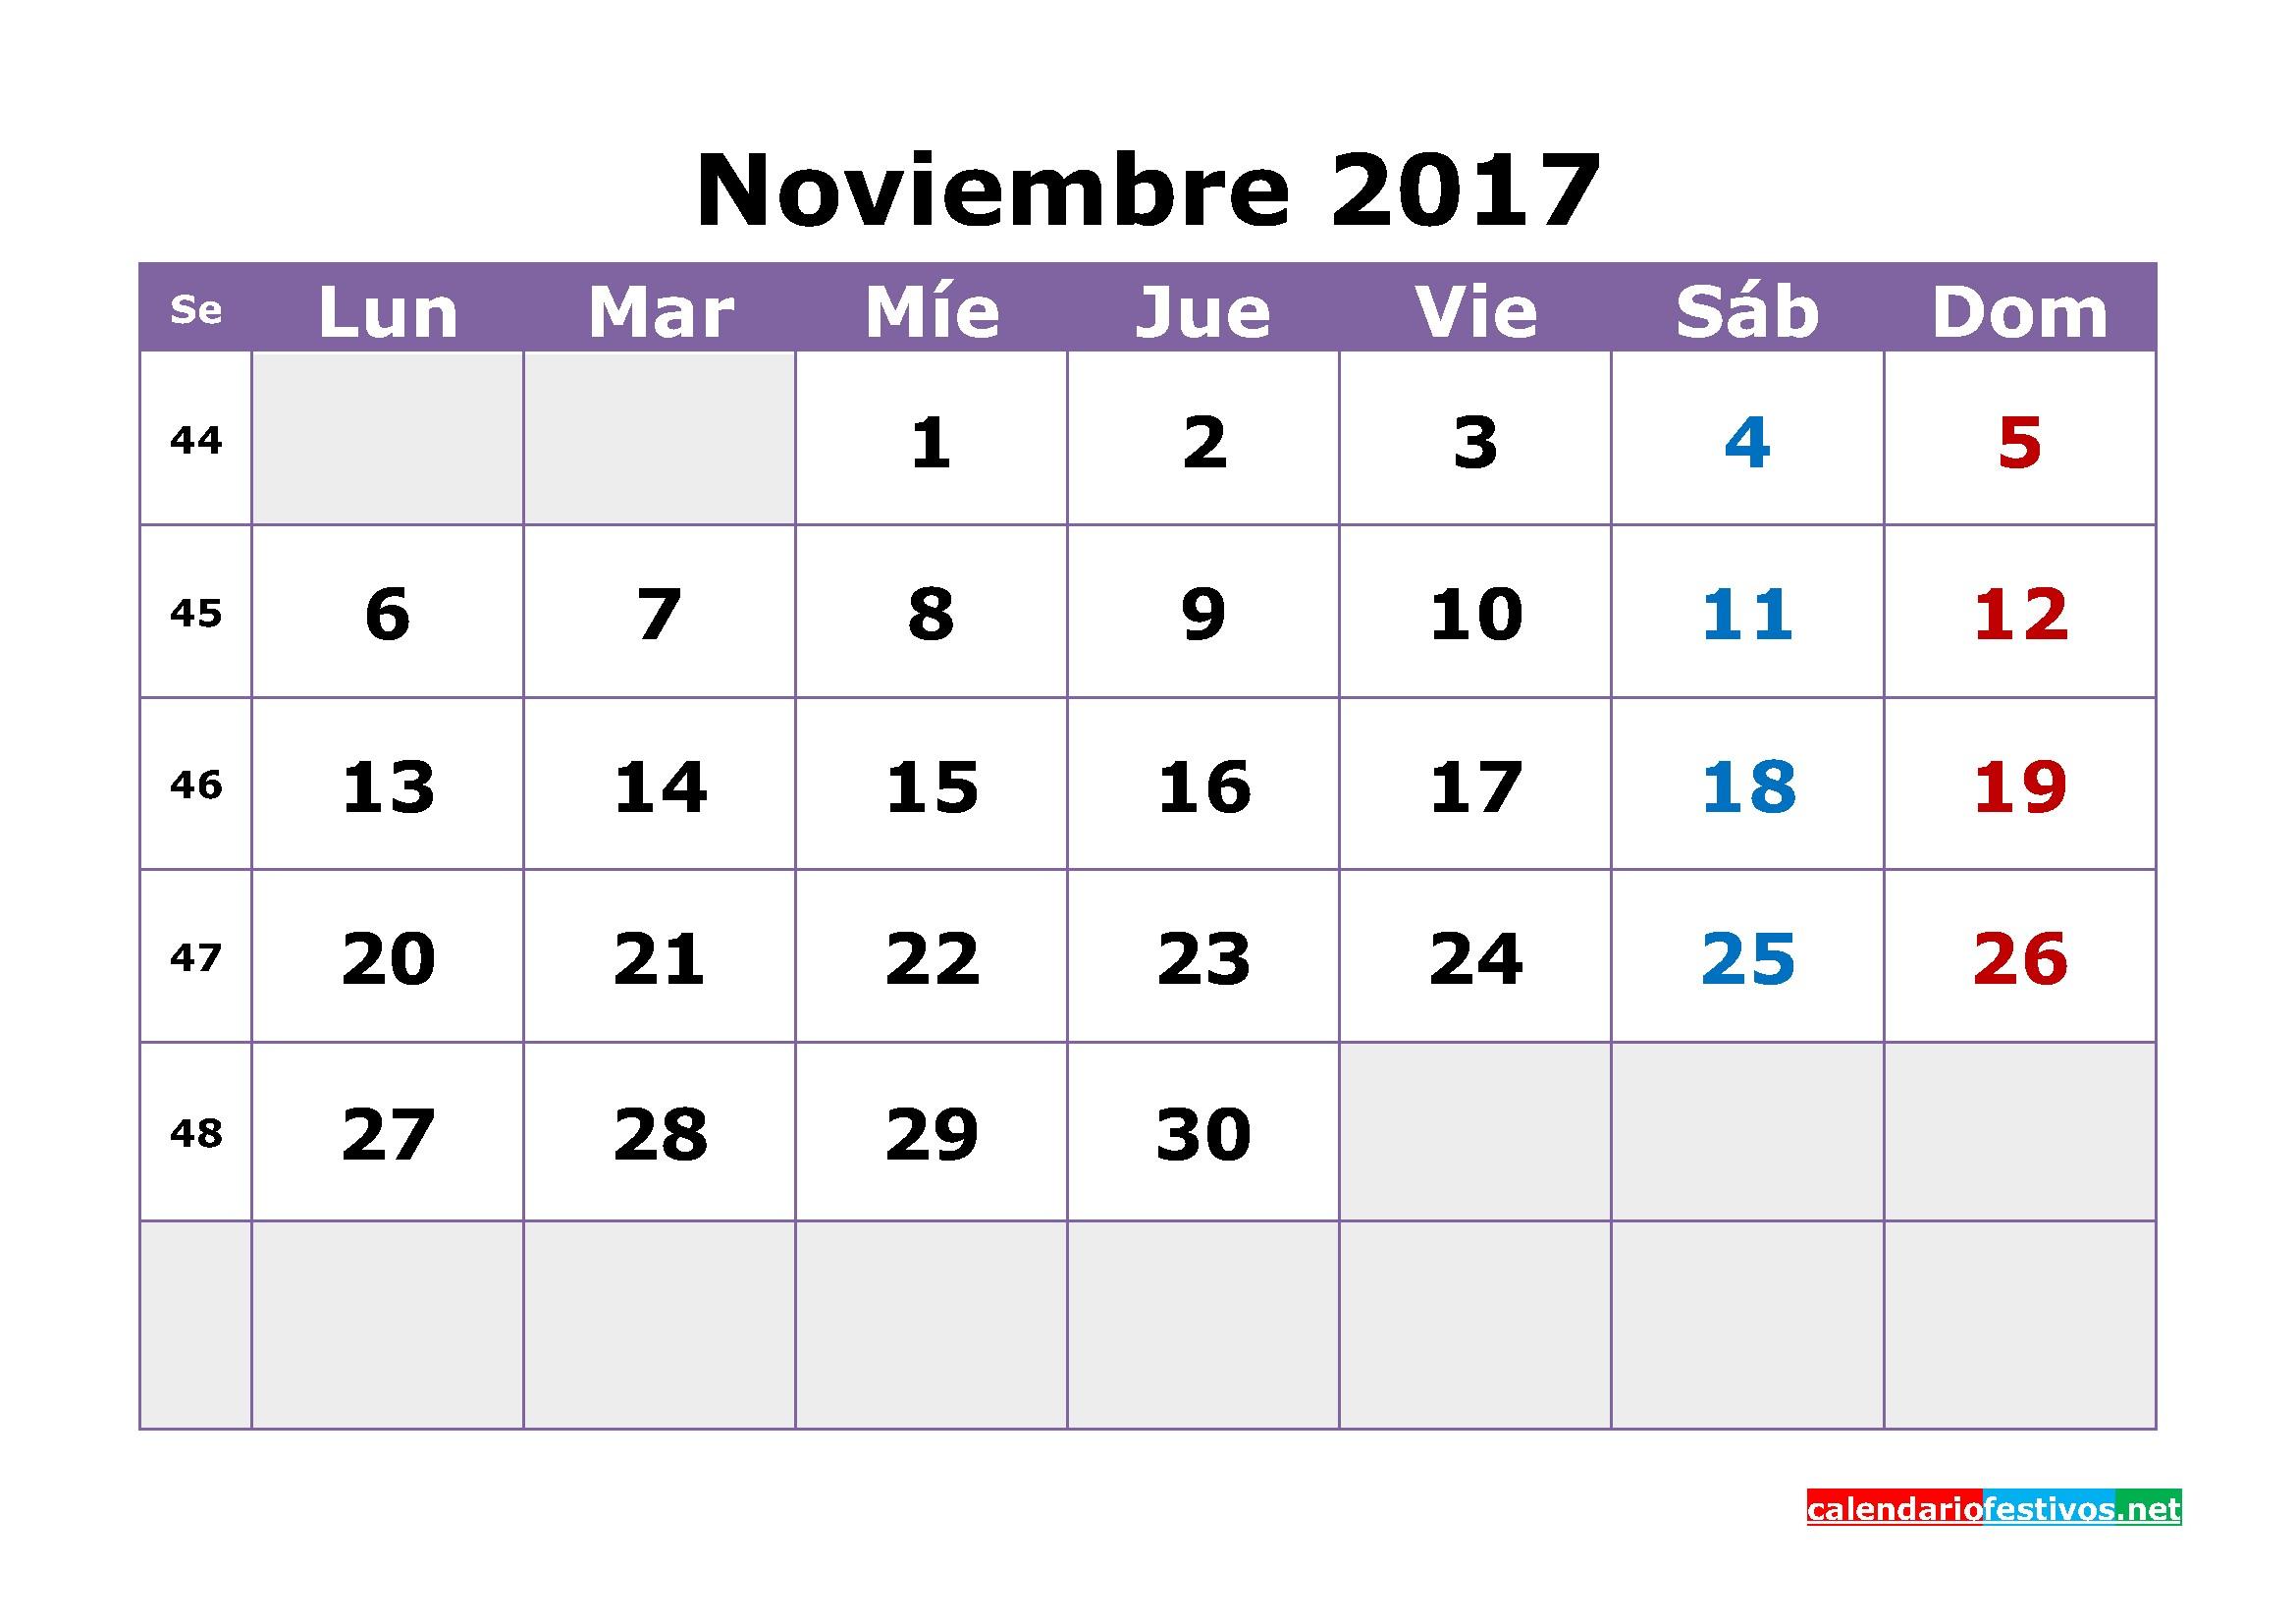 Calendario de noviembre de 2017 4